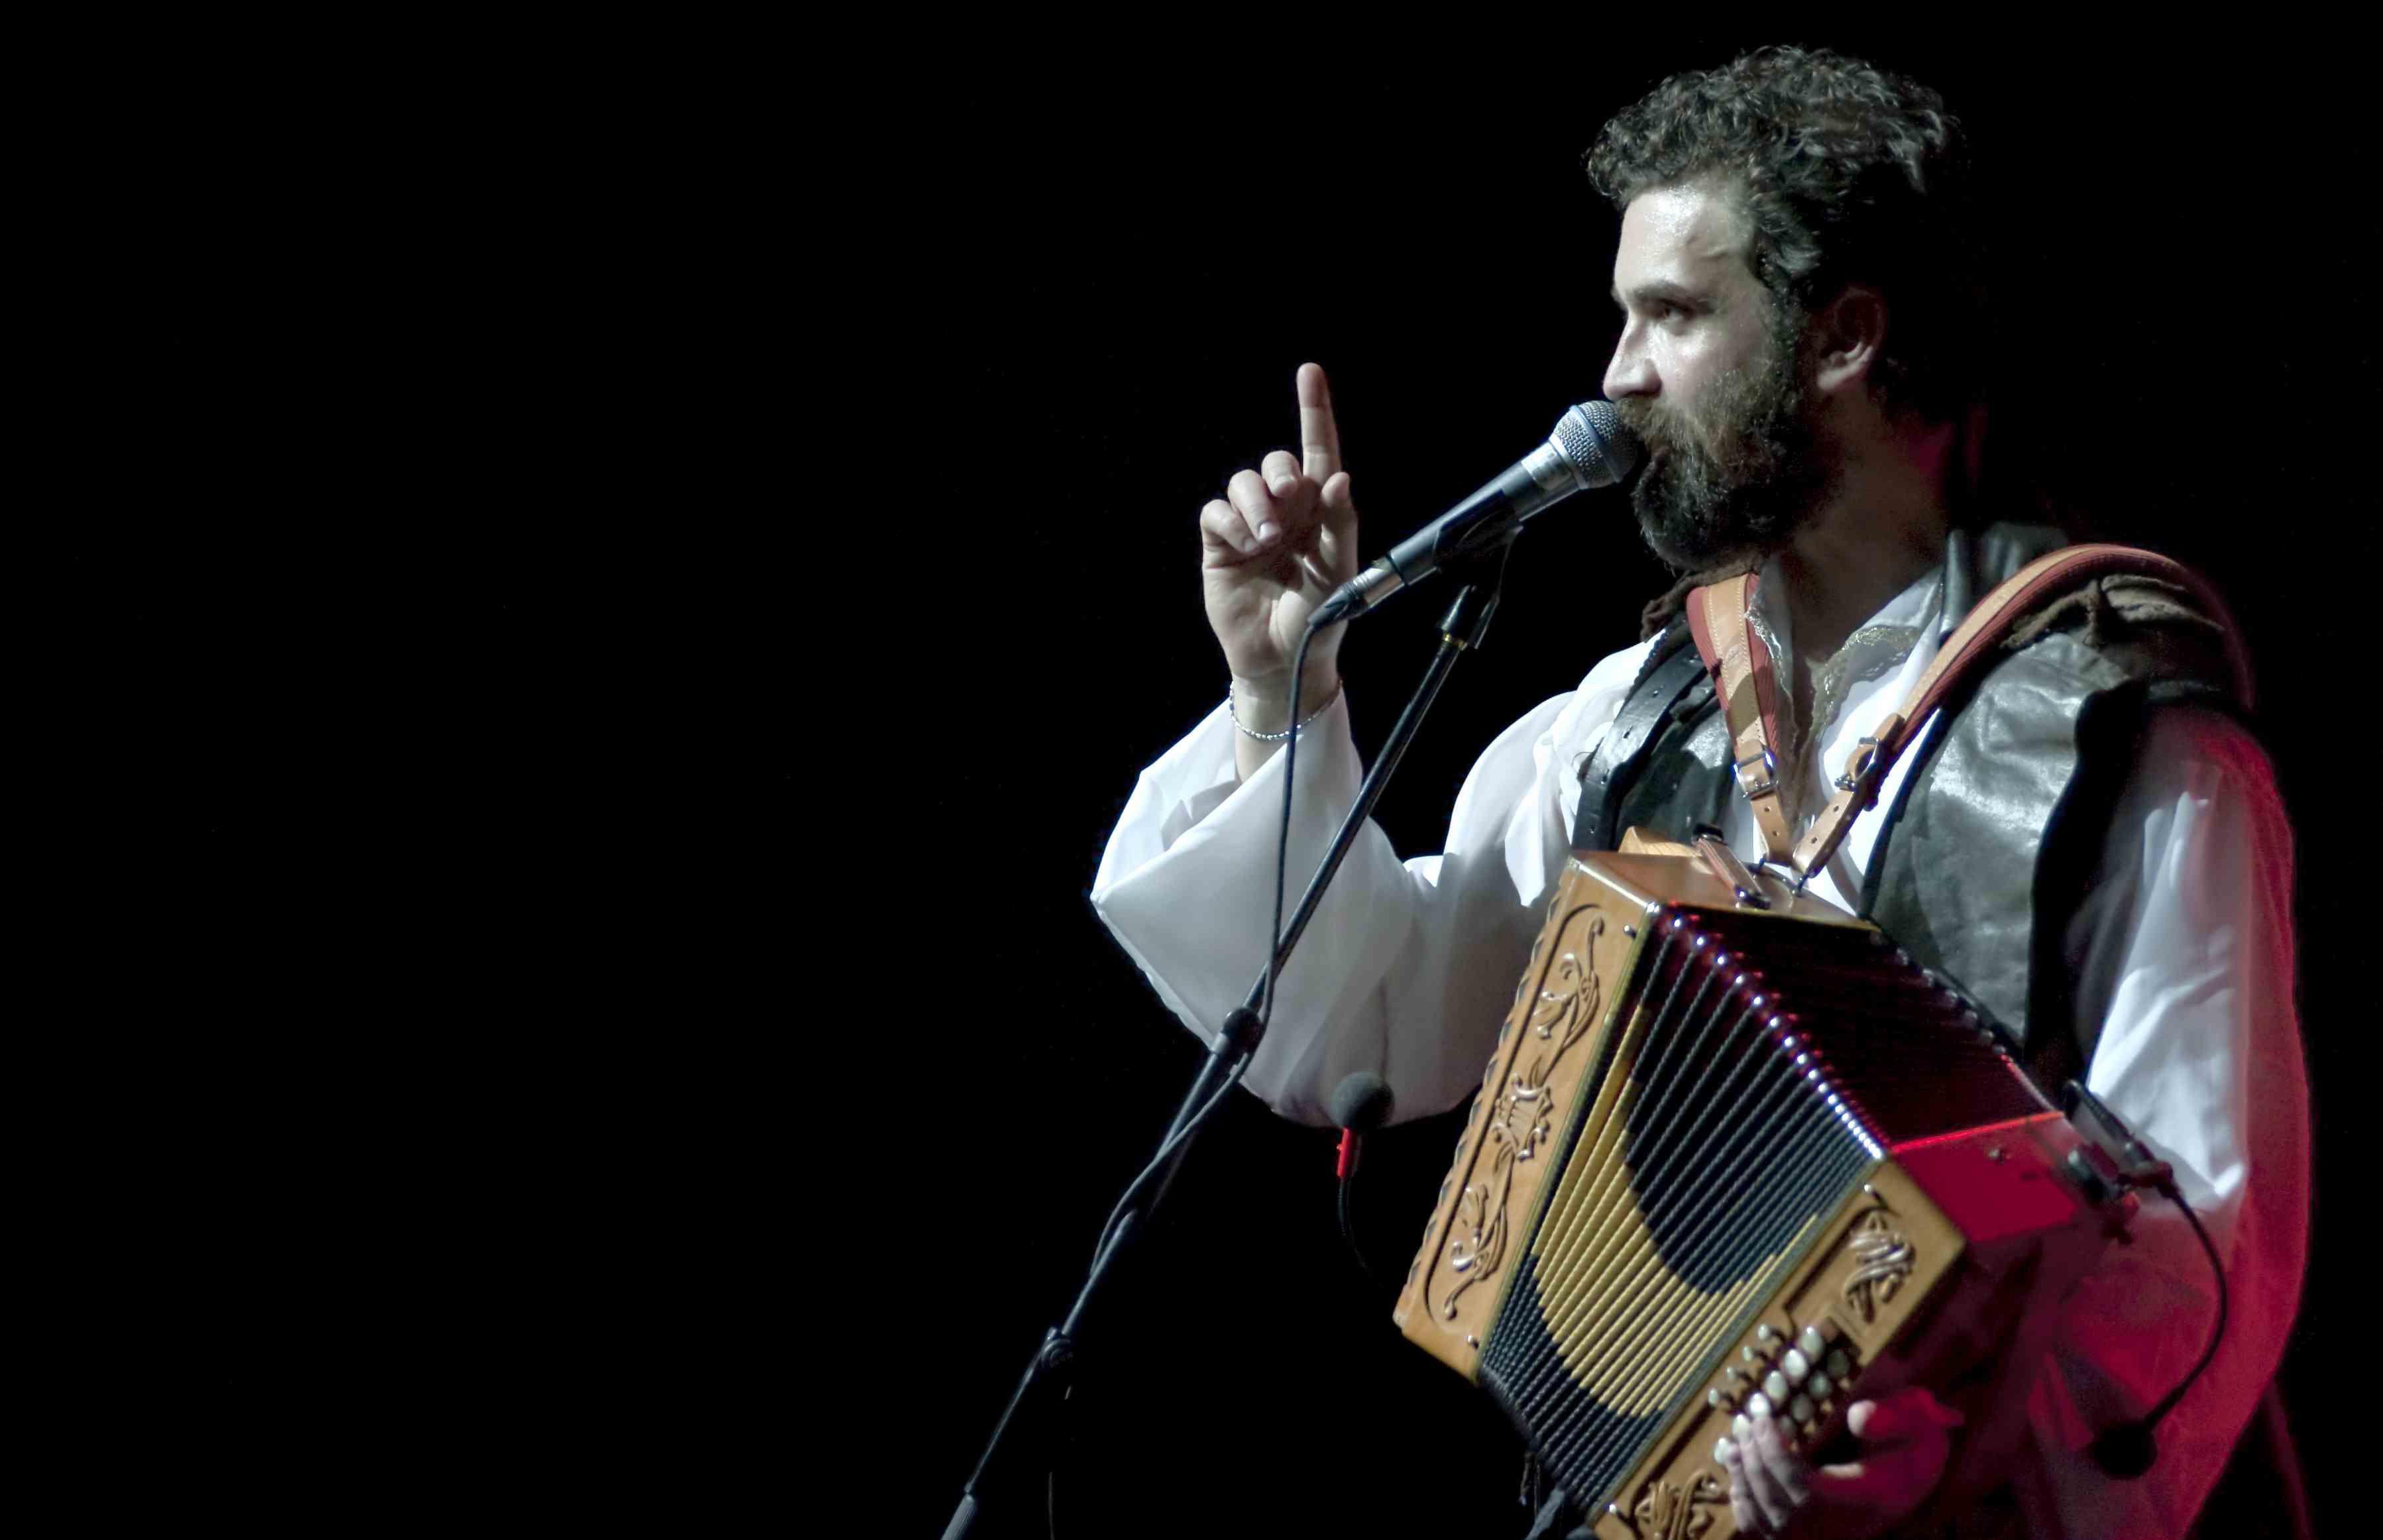 Claudio Prima Bandadriatica-auditorium Parco della musica